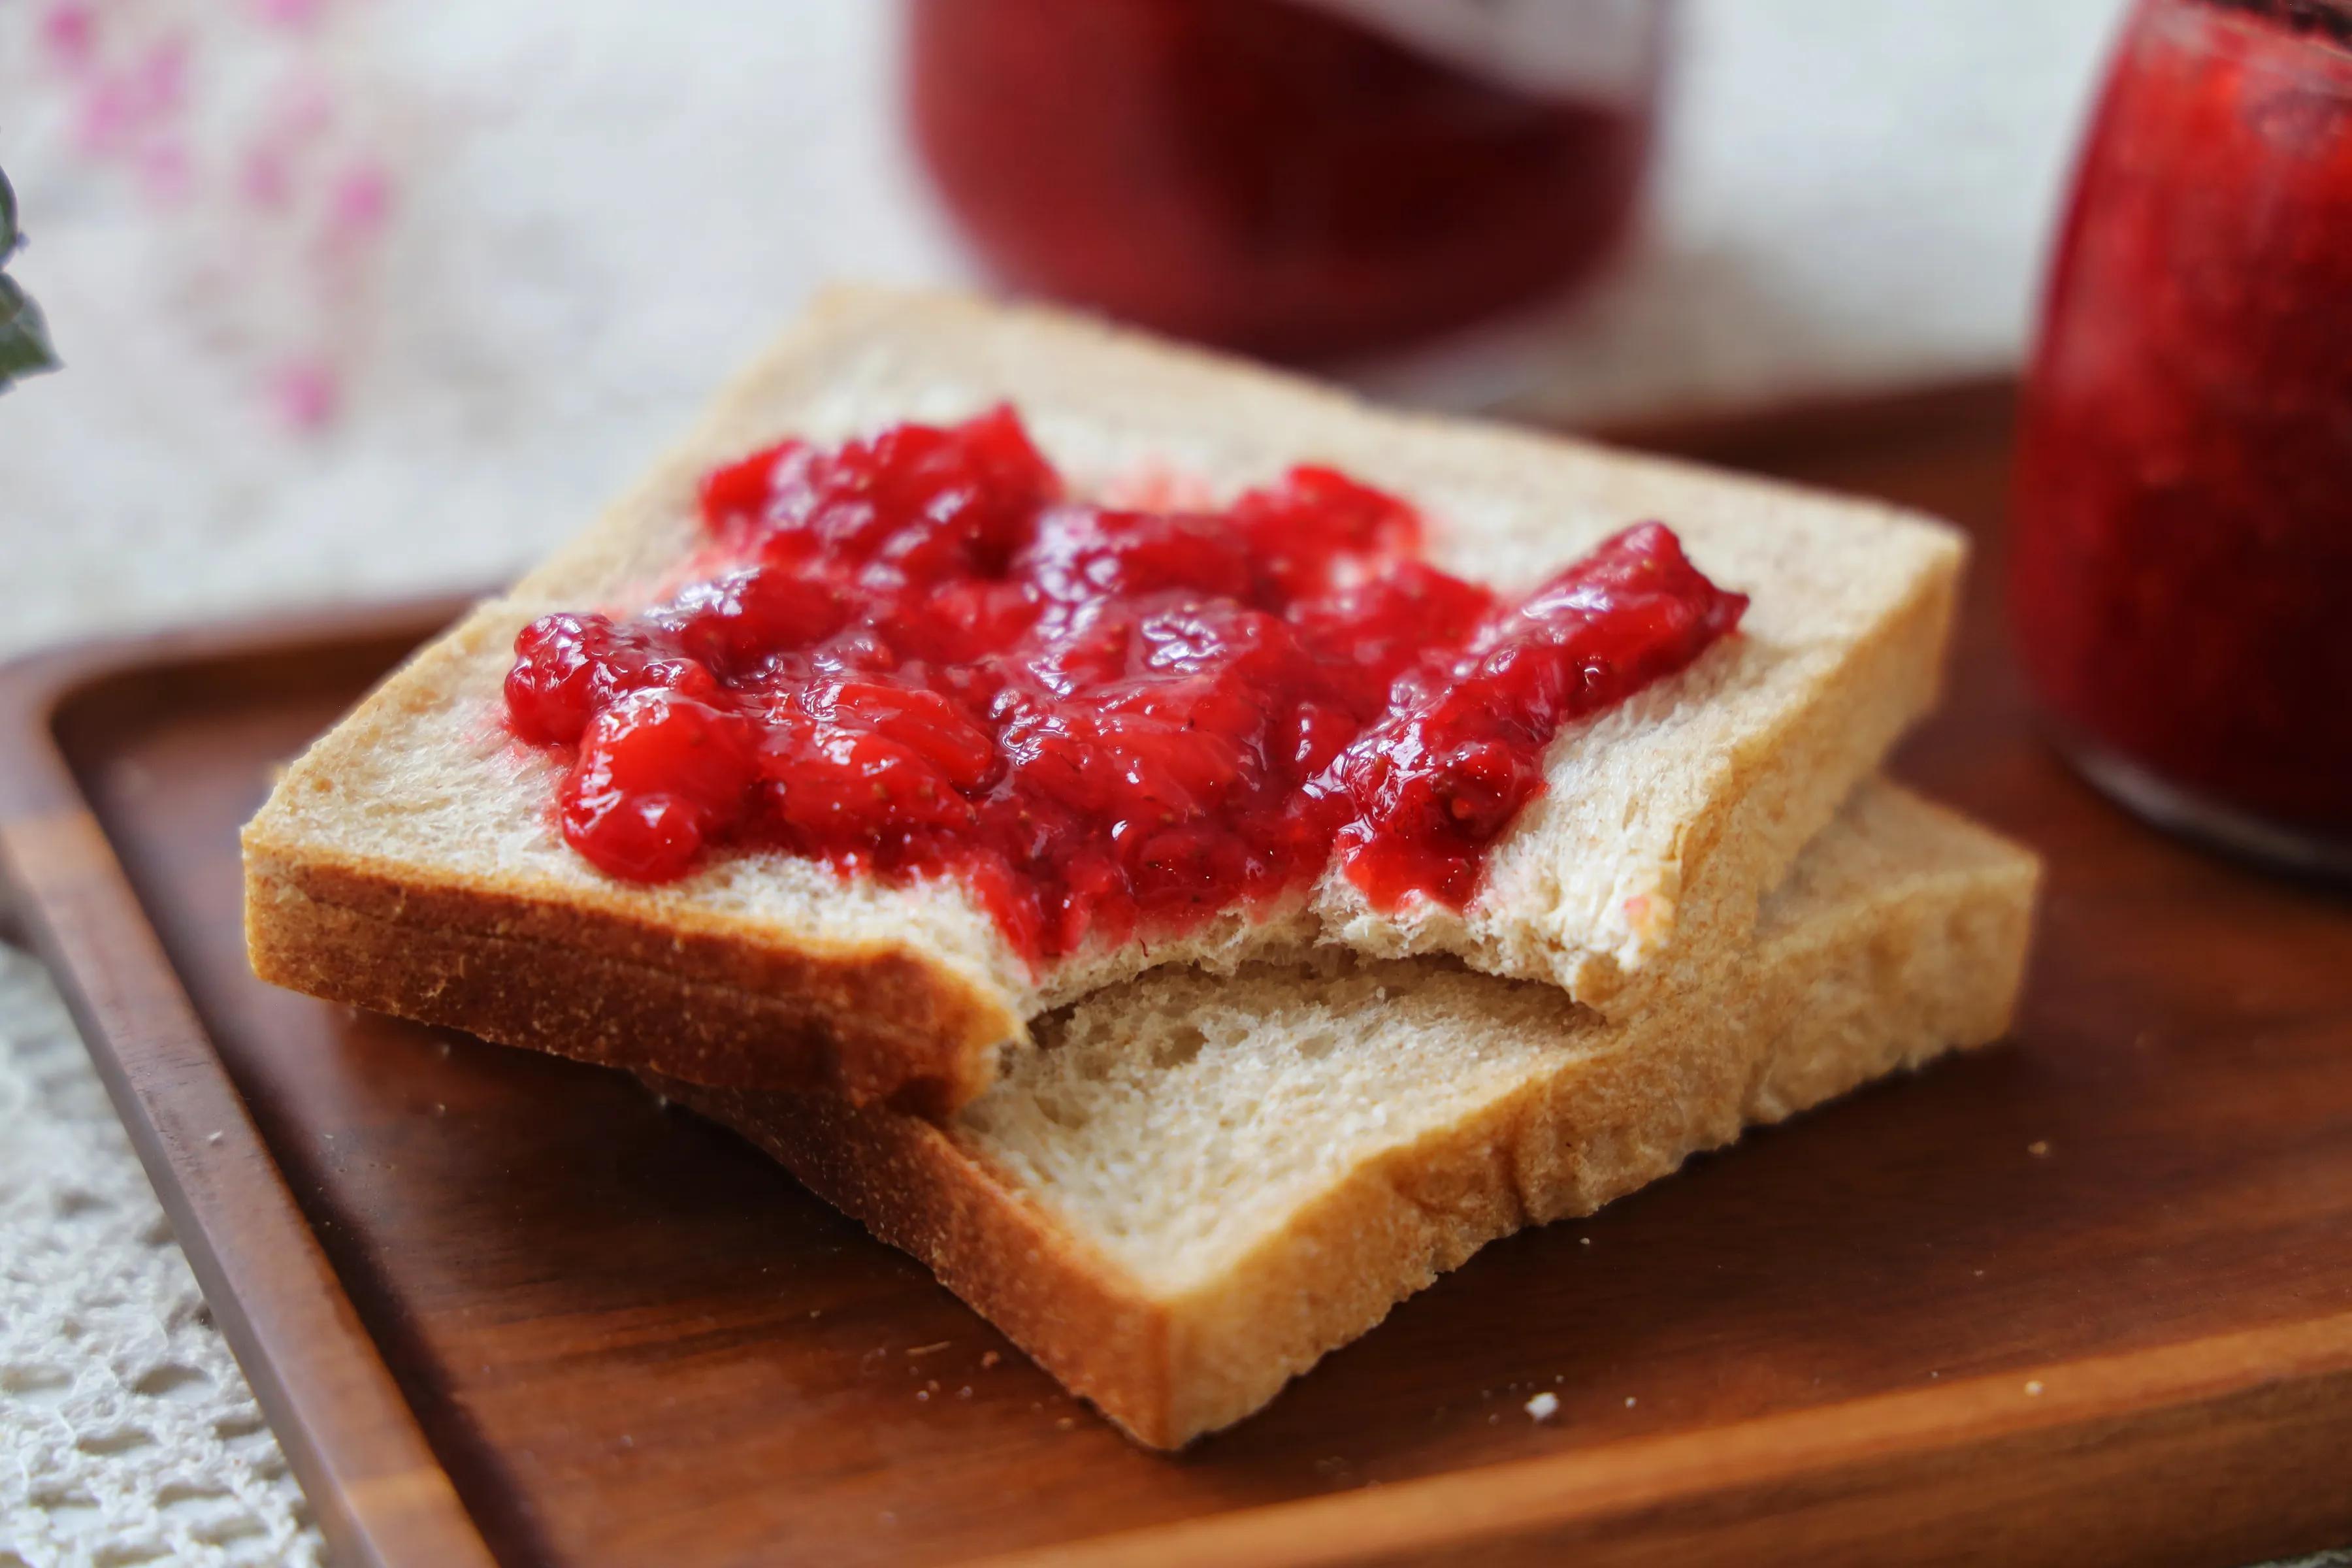 趁著草莓下季,趕緊買點回來做成醬,早餐抹在麵包上,太好吃了